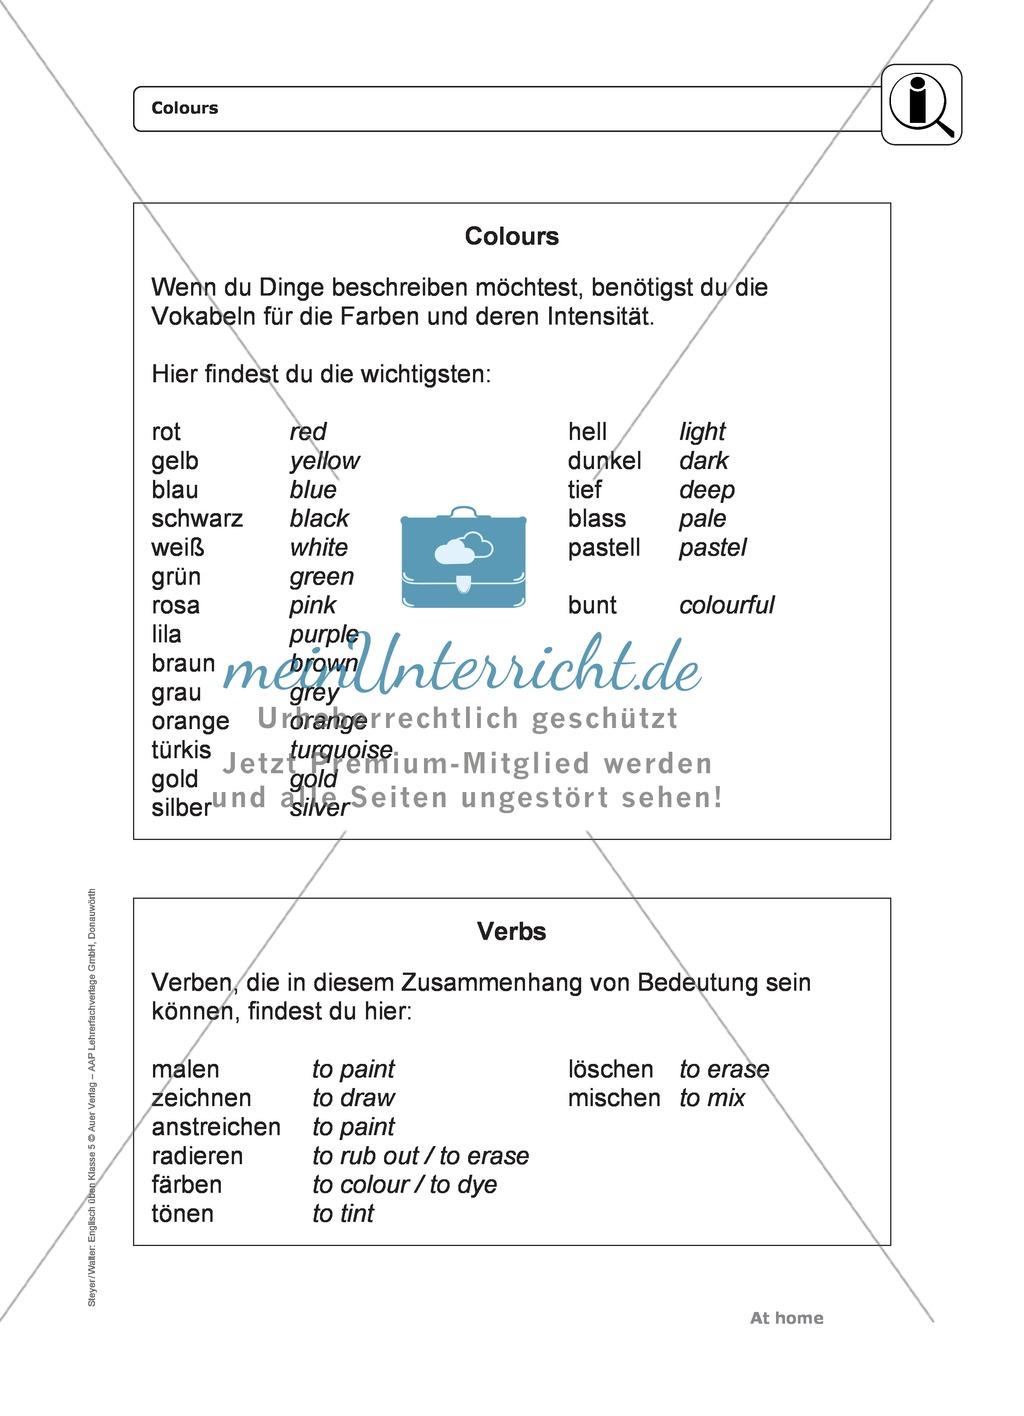 Ausgezeichnet Vokabular Im Zusammenhang Arbeitsblatt Galerie - Super ...